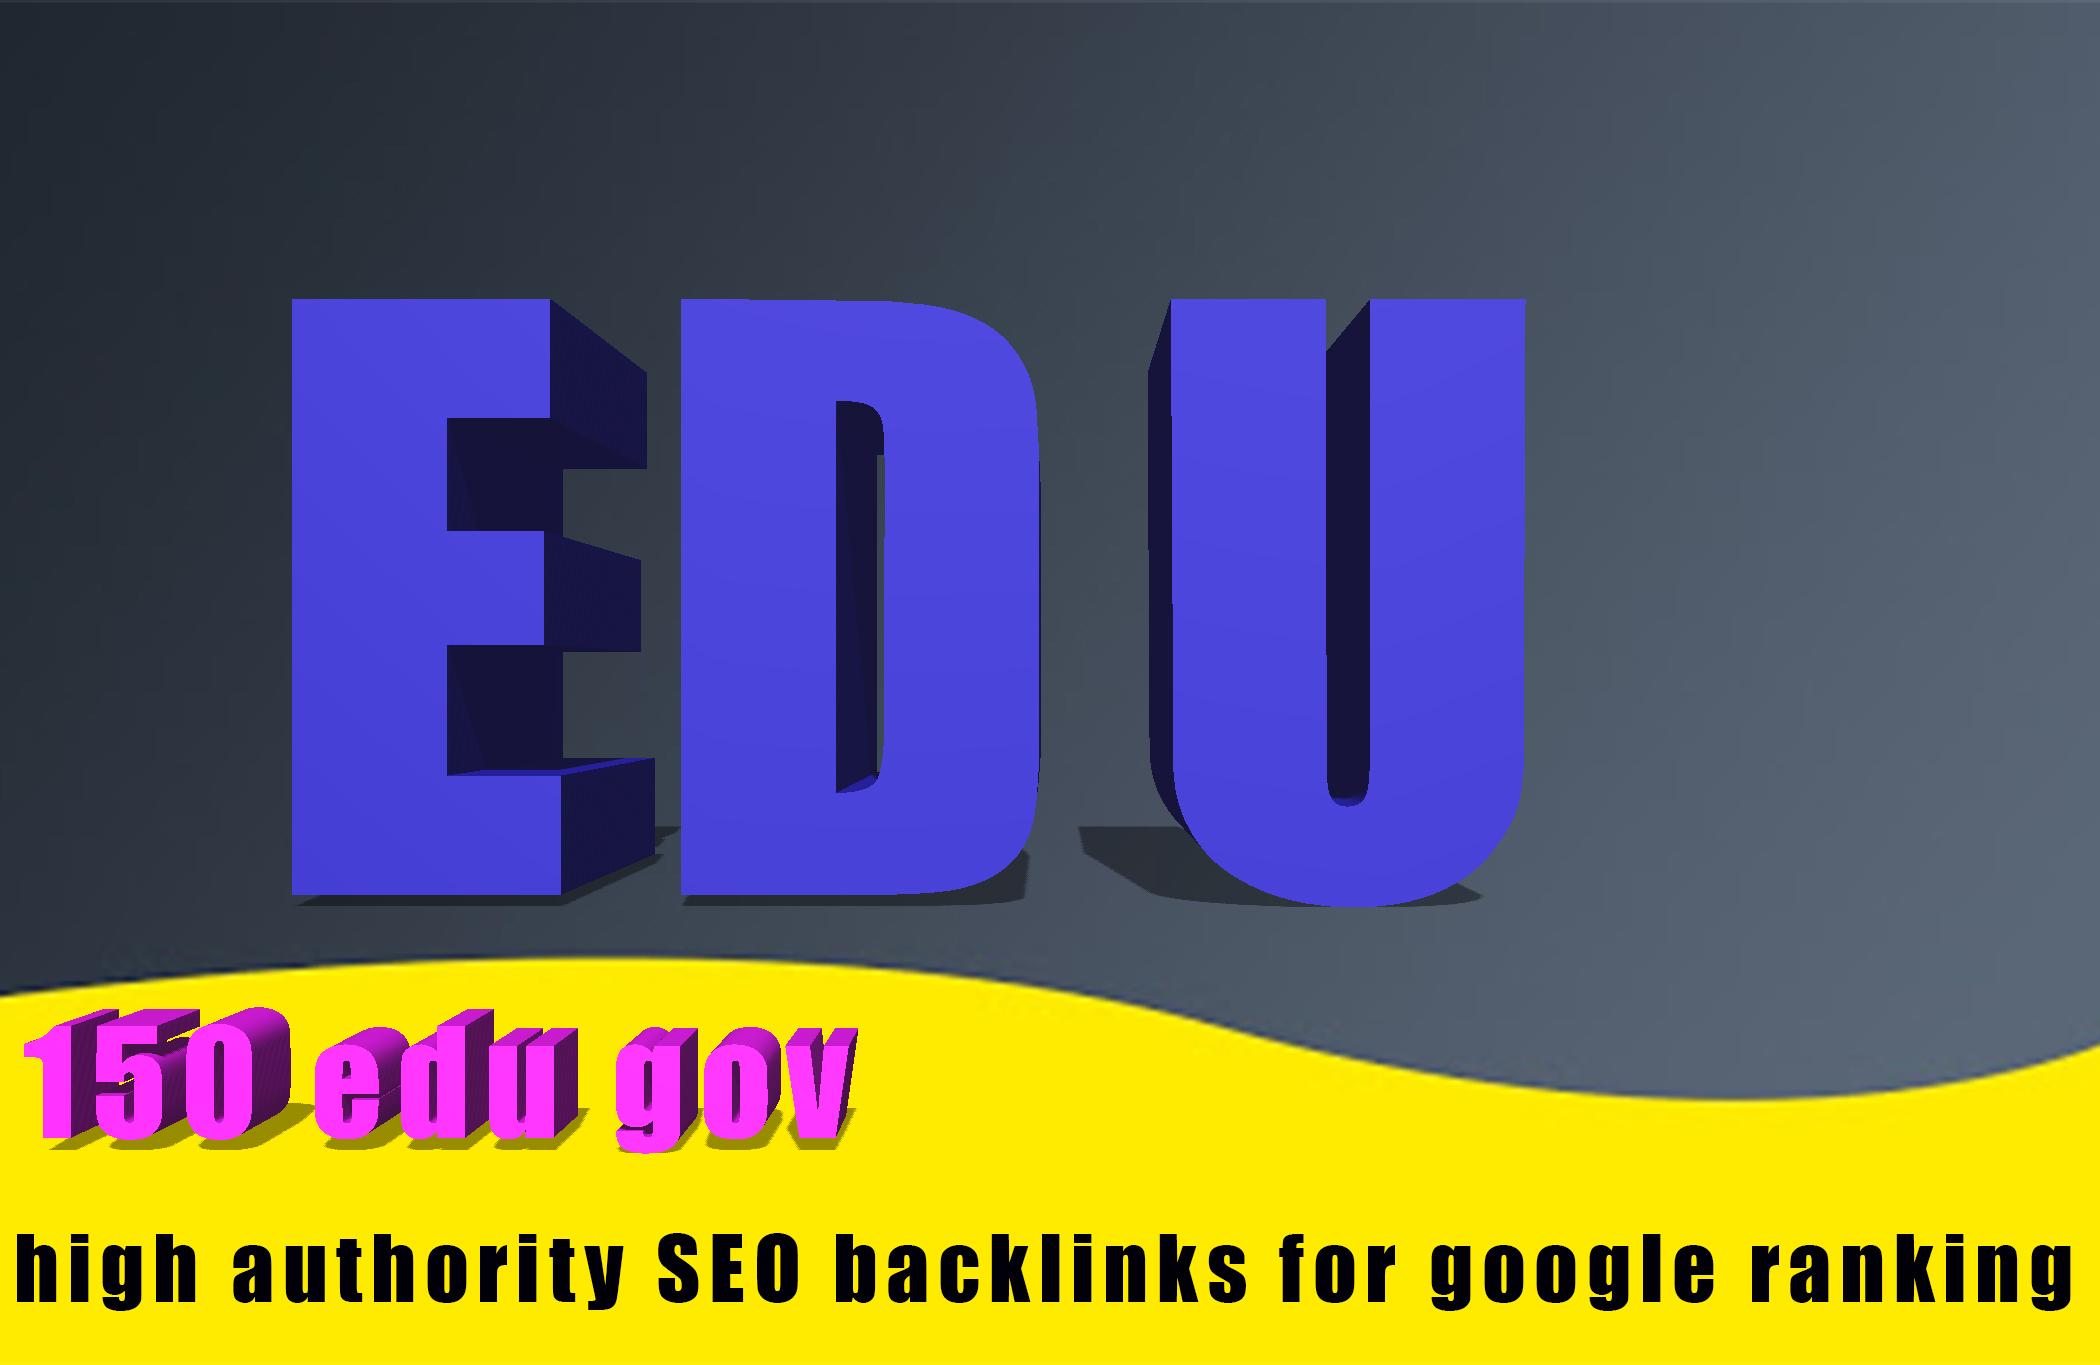 I will do 150 Edu gov high authority SEO back-links for google ranking